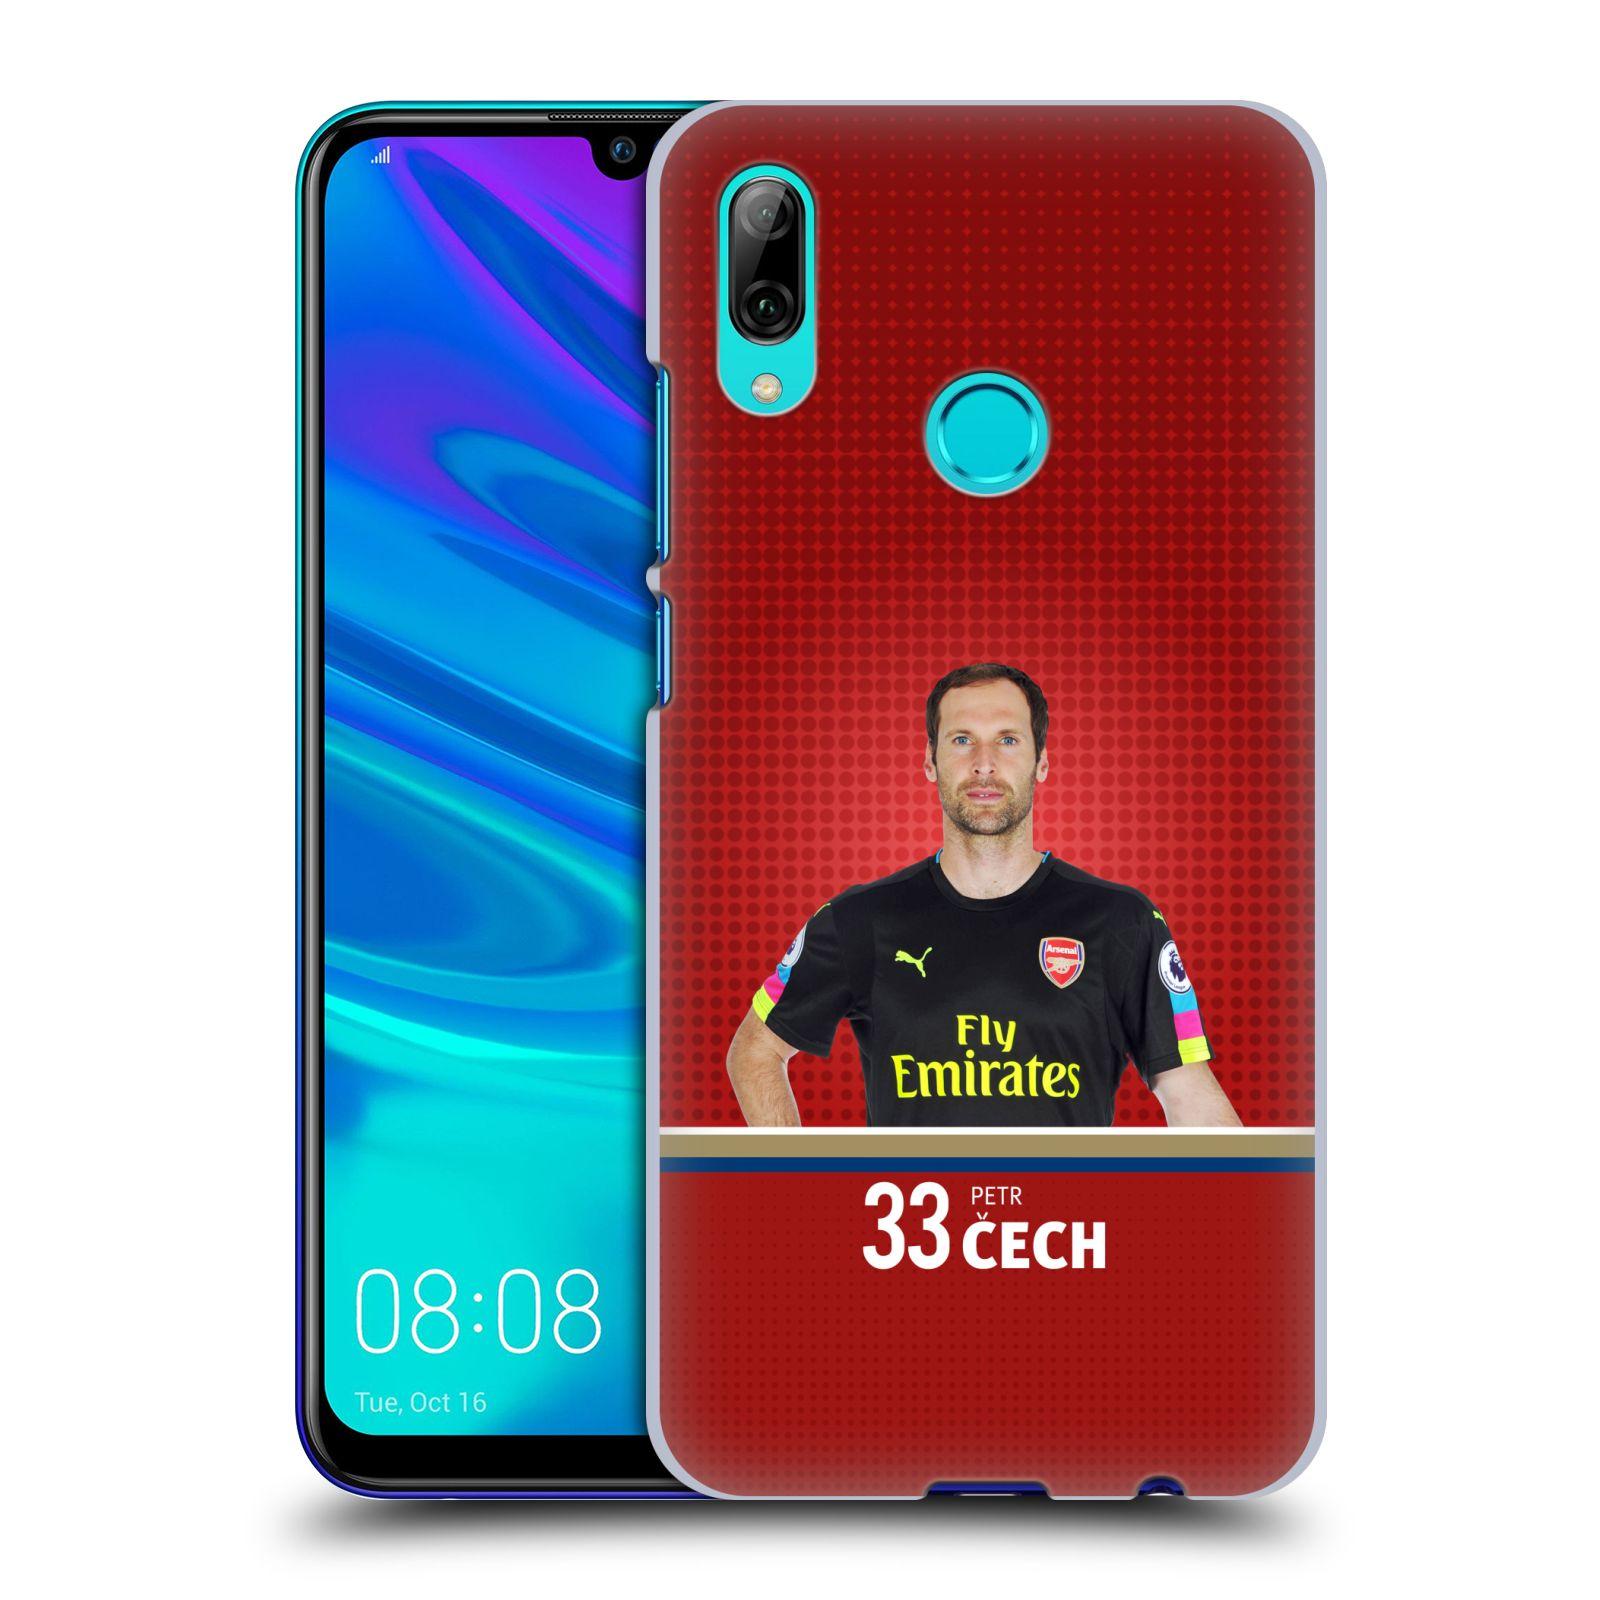 Plastové pouzdro na mobil Huawei P Smart (2019) - Head Case - Arsenal FC - Petr Čech